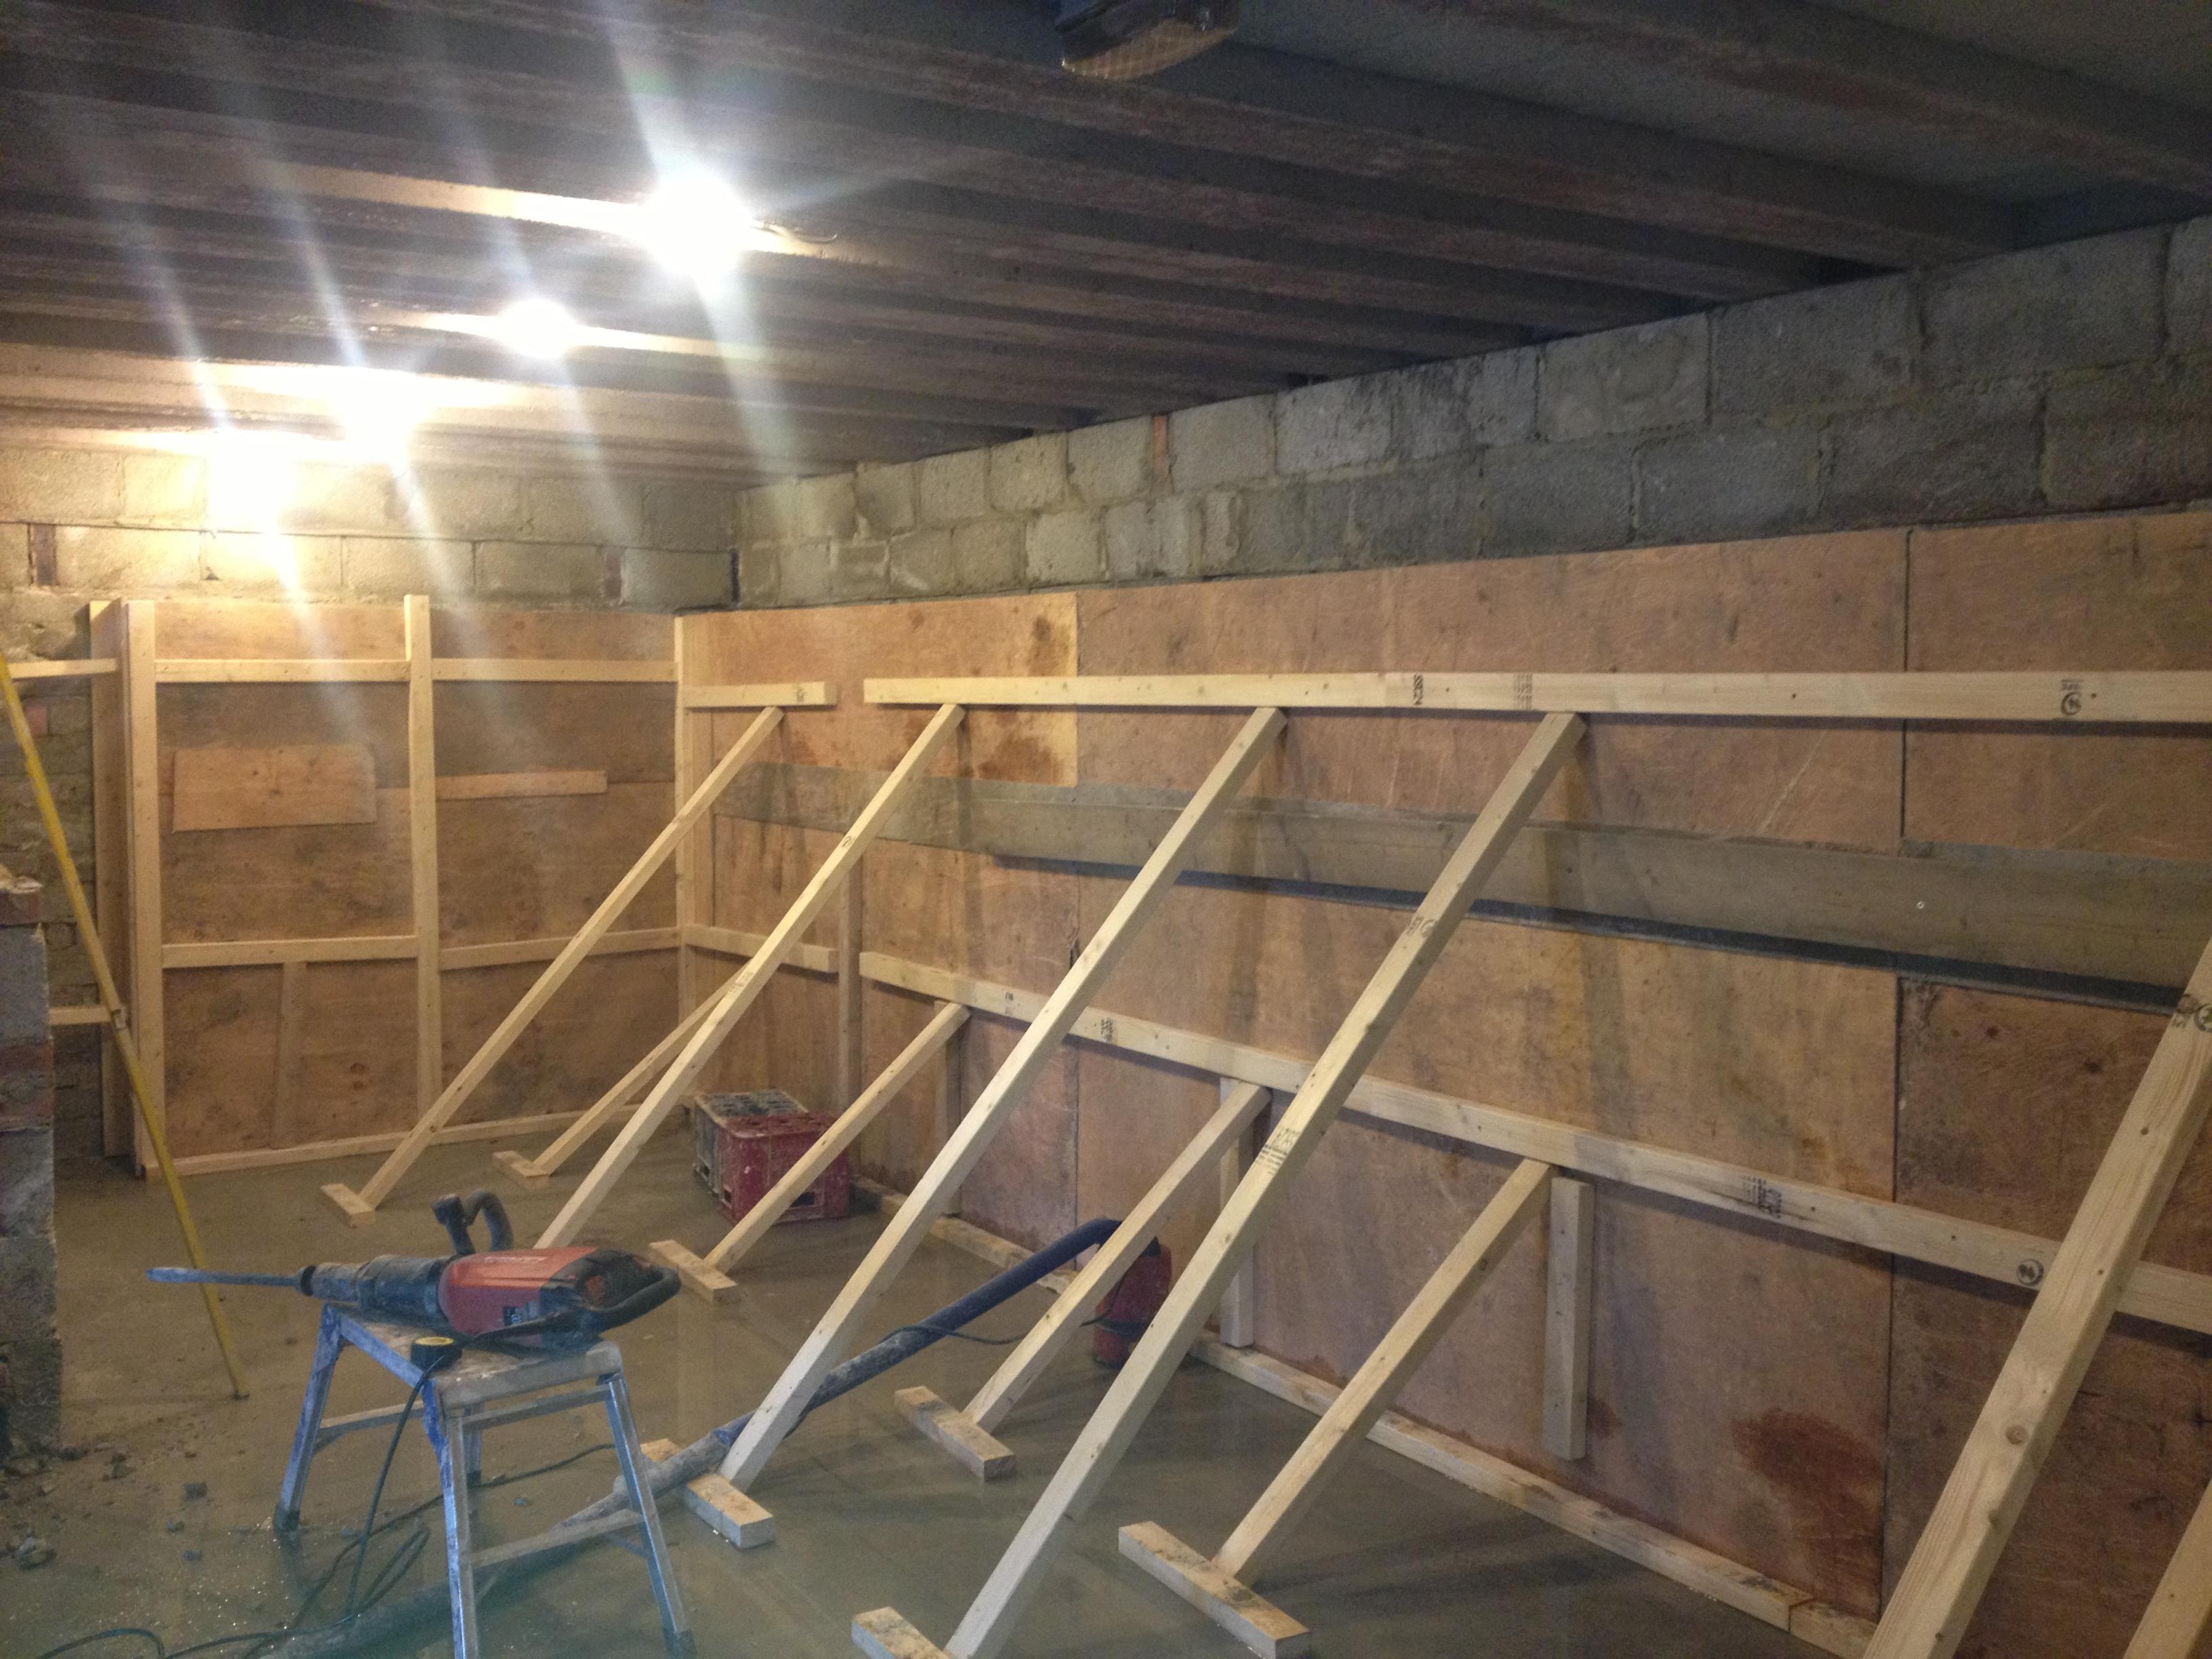 completion of basement conversion at old barber harrogate harrogate